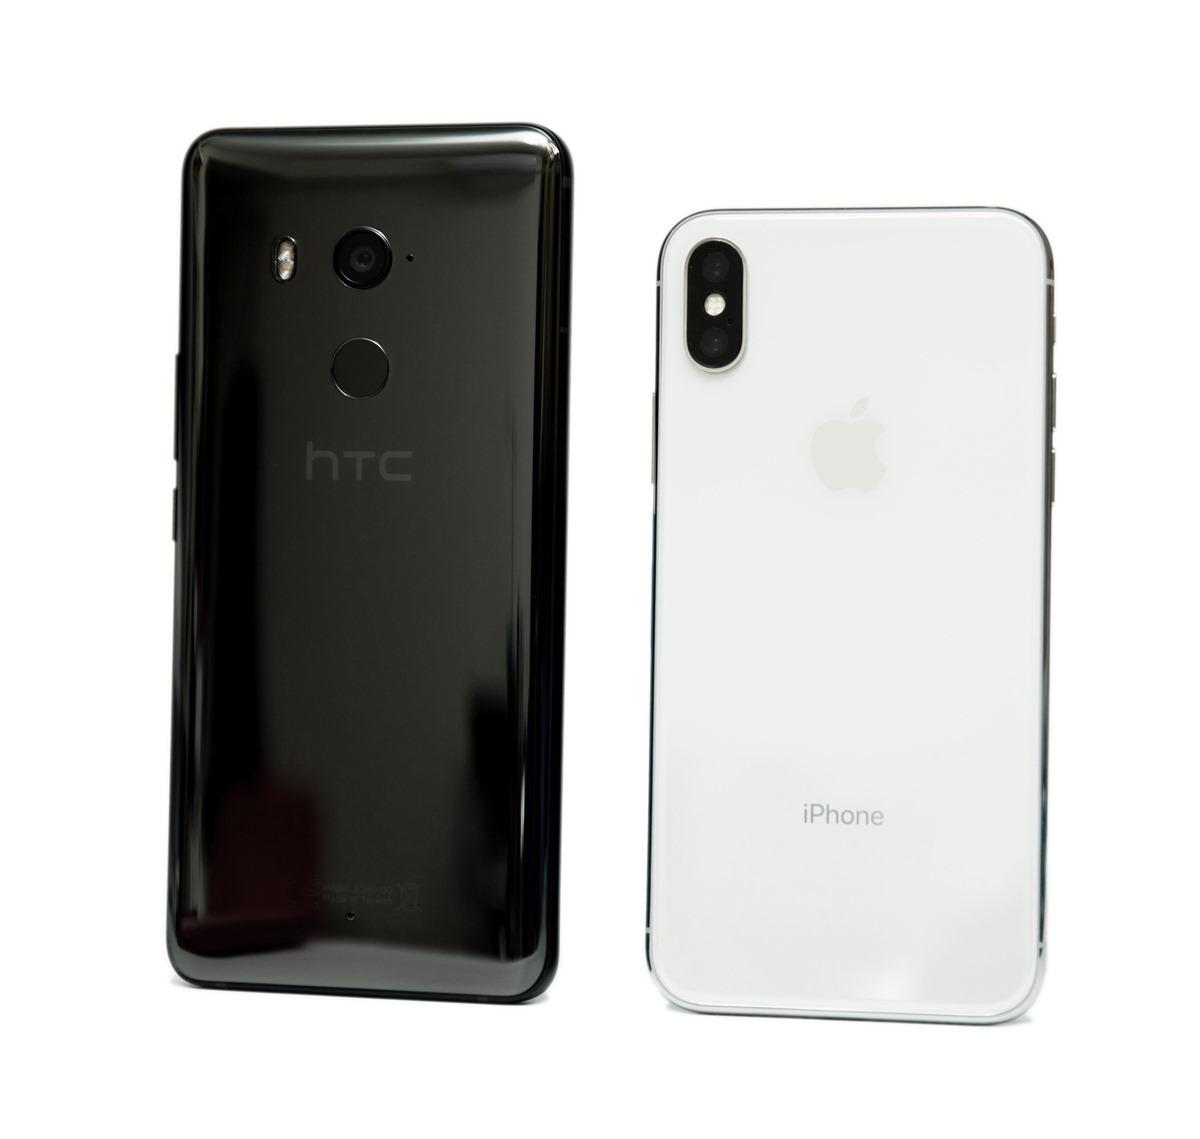 拍照誰最強?!新機 Apple iPhone X 與 HTC U11+ 拍照實測一次看!對比 iPhone 8 Plus、U11、Note 8、Pixel 2、Zenfone 4 Pro (Camera Comparison) @3C 達人廖阿輝